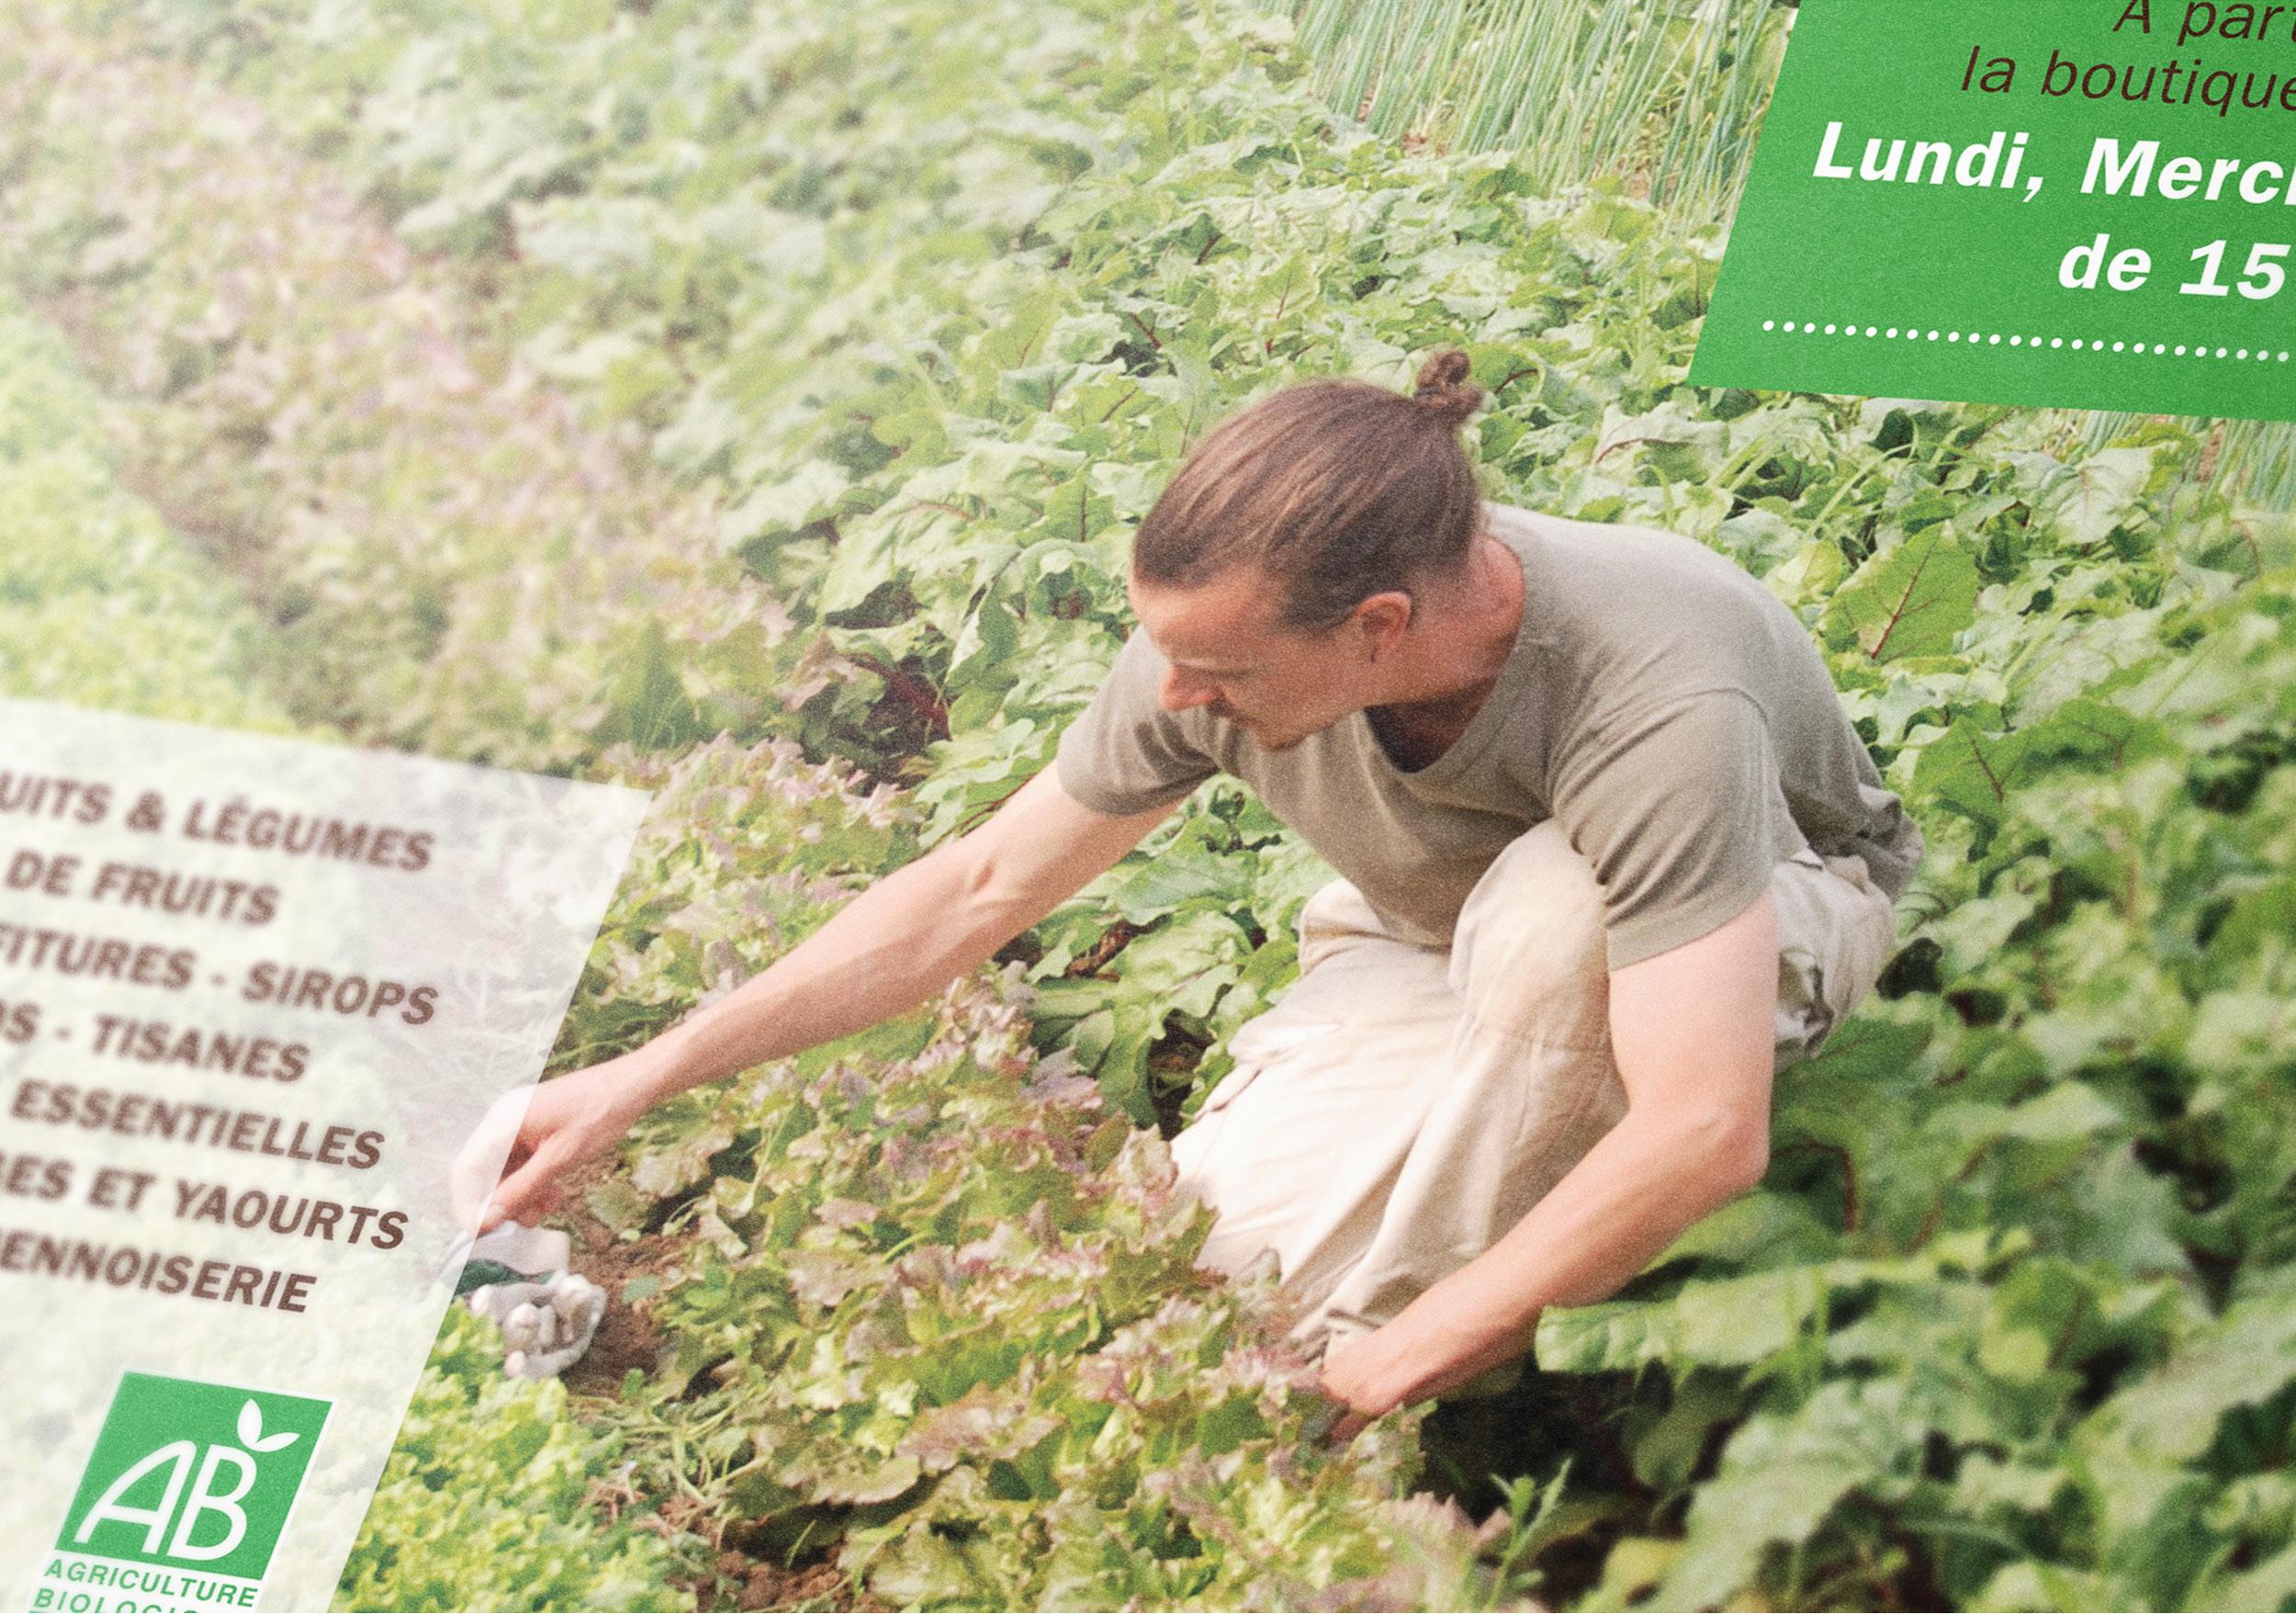 Création affiche grand format visuel mock up Compagnons de la Terre Crest Drôme agriculture bio AB